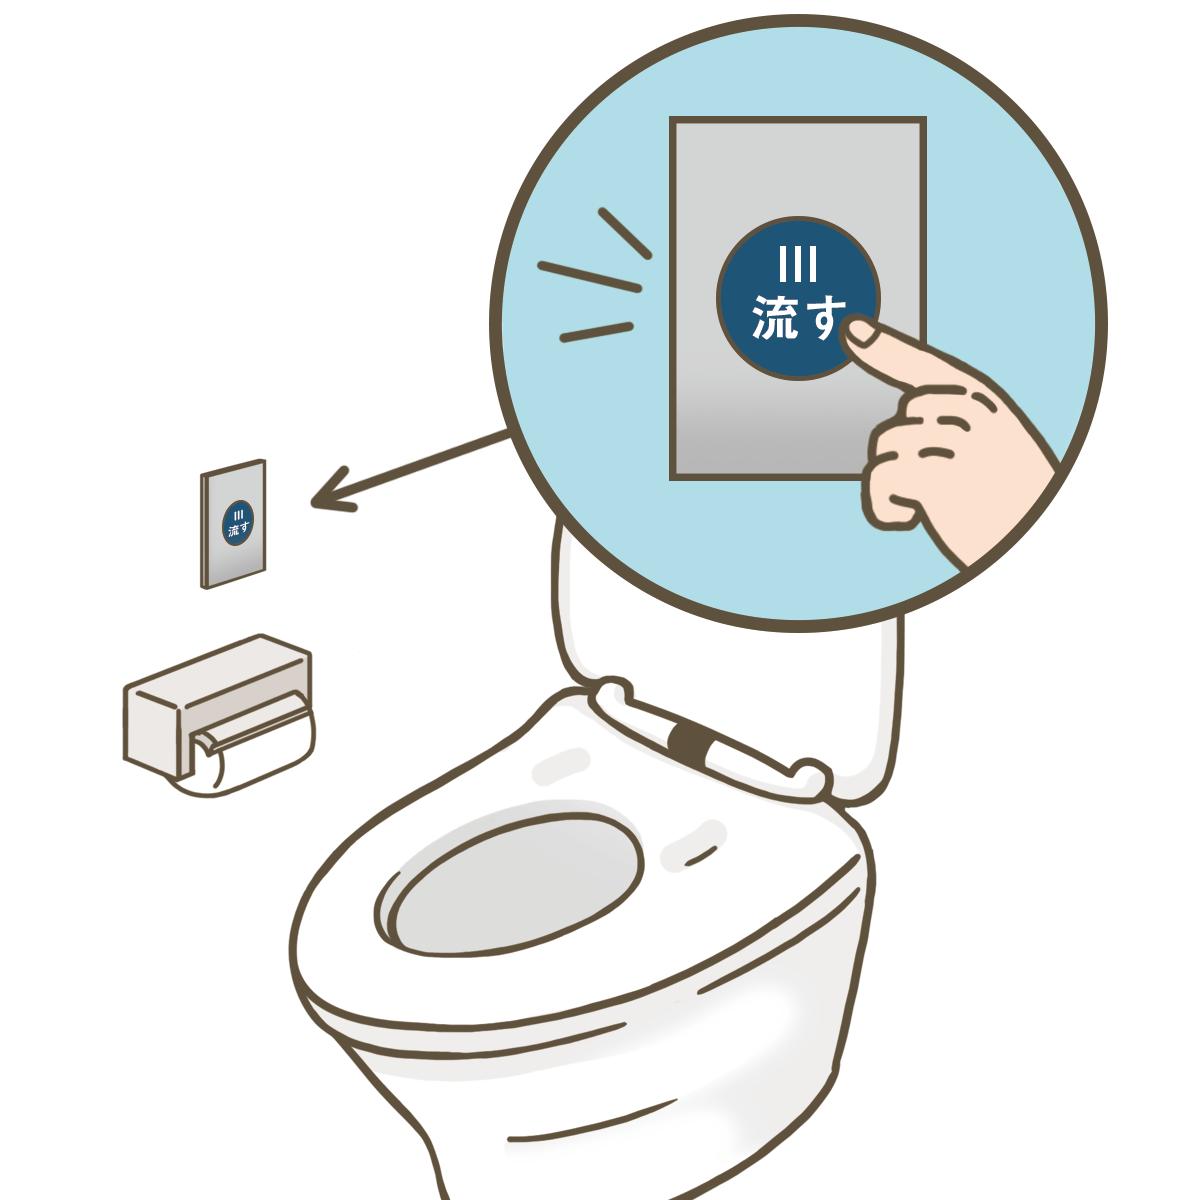 洗浄ボタン式のトイレのイラストフリー素材看護roo